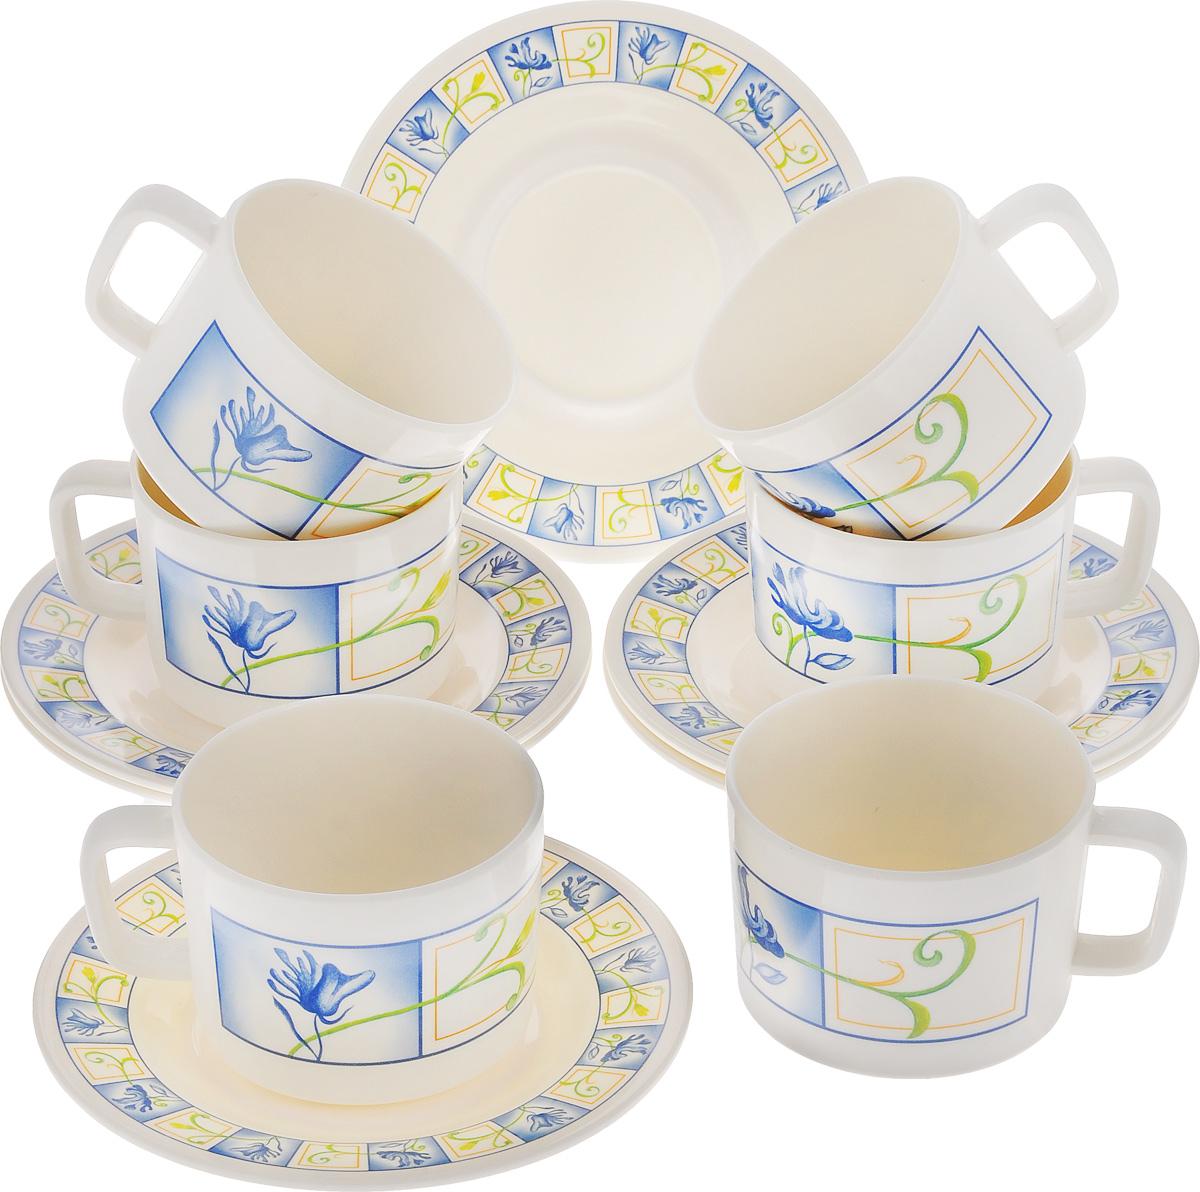 Набор чайный Calve, 12 предметов. CL-2510115510Чайный набор Calve состоит из шести чашек и шести блюдец, выполненных из высококачественного пластика. Изделия оформлены ярким рисунком. Изящный набор эффектно украсит стол к чаепитию и порадует вас функциональностью и ярким дизайном. Можно мыть в посудомоечной машине.Диаметр блюдца: 16,5 см. Объем чашки: 330 мл. Диаметр чашки (по верхнему краю): 9 см. Высота чашки: 7 см.